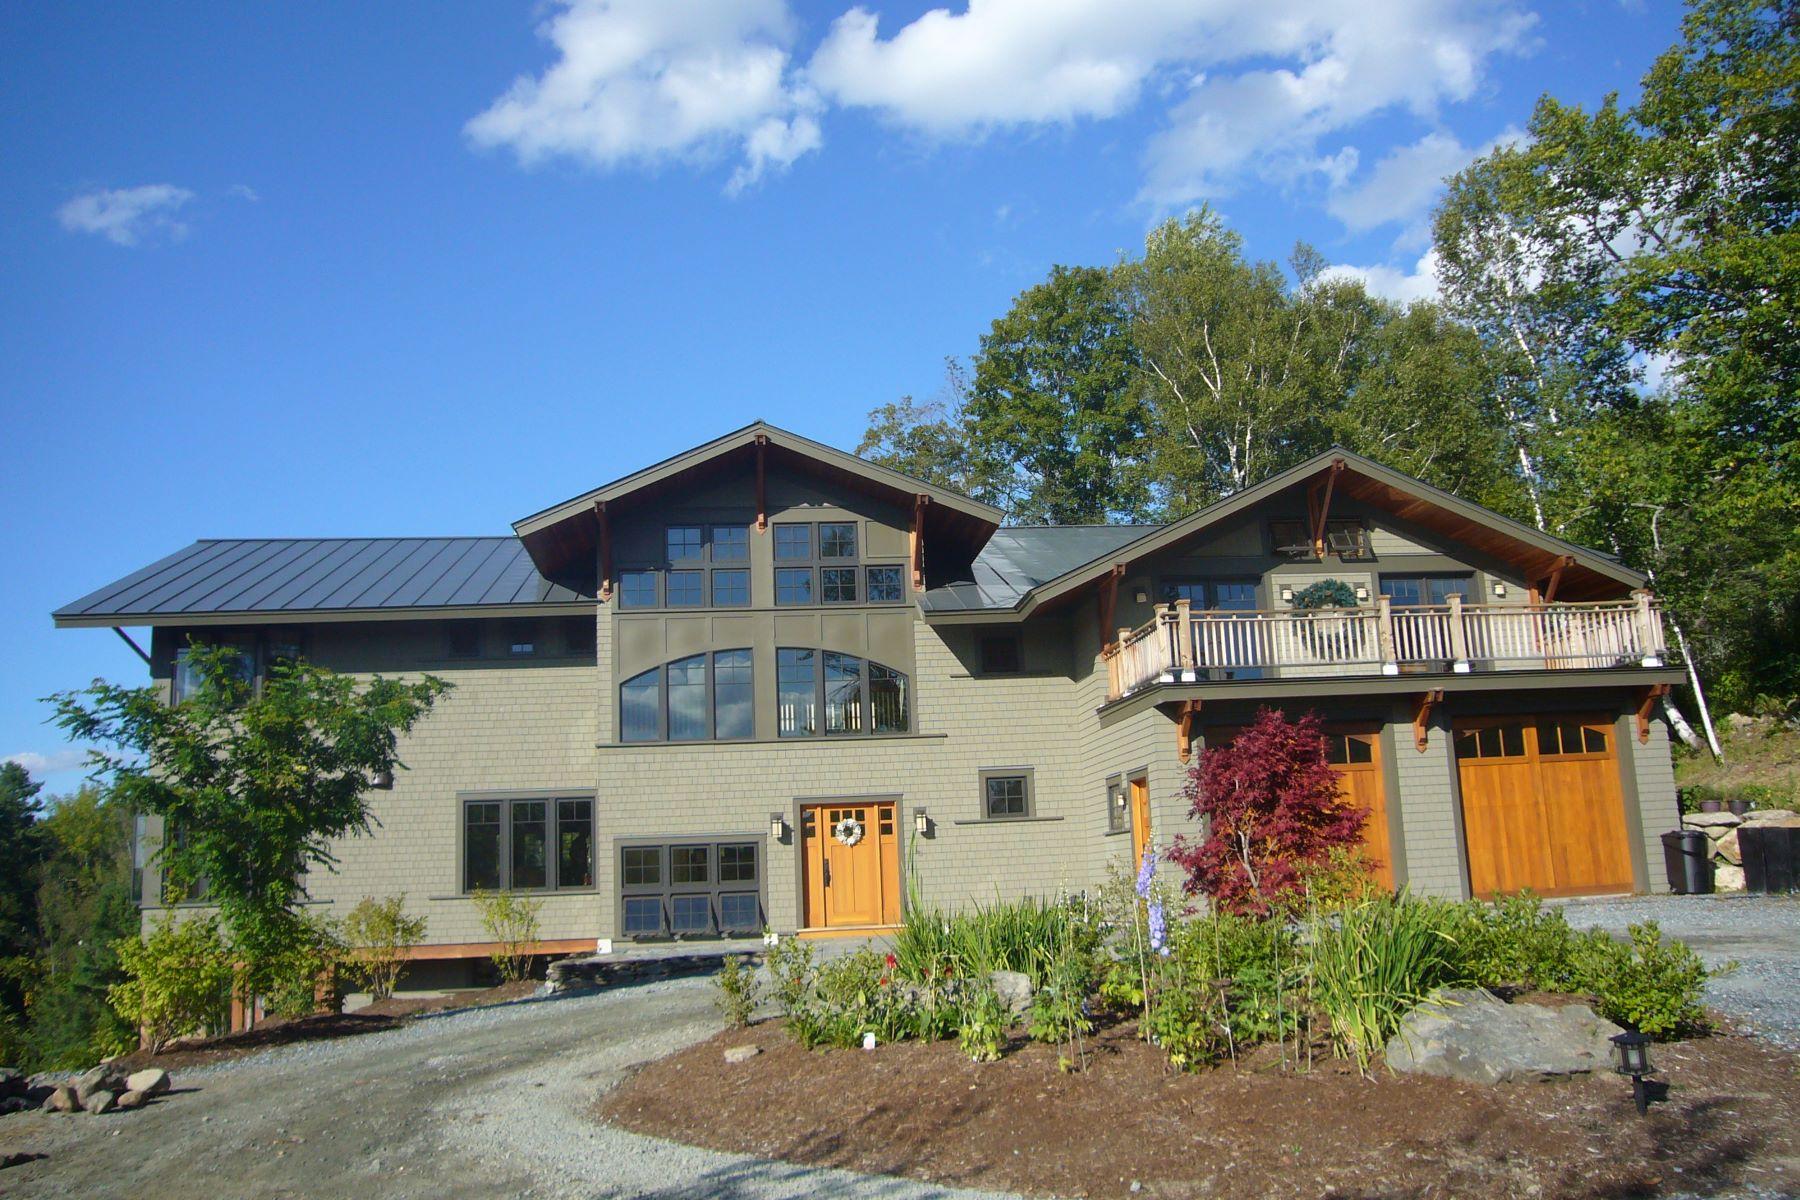 Частный односемейный дом для того Продажа на Mending Wall Farm 100 Highbridge, Lyme, Нью-Гэмпшир, 03768 Соединенные Штаты